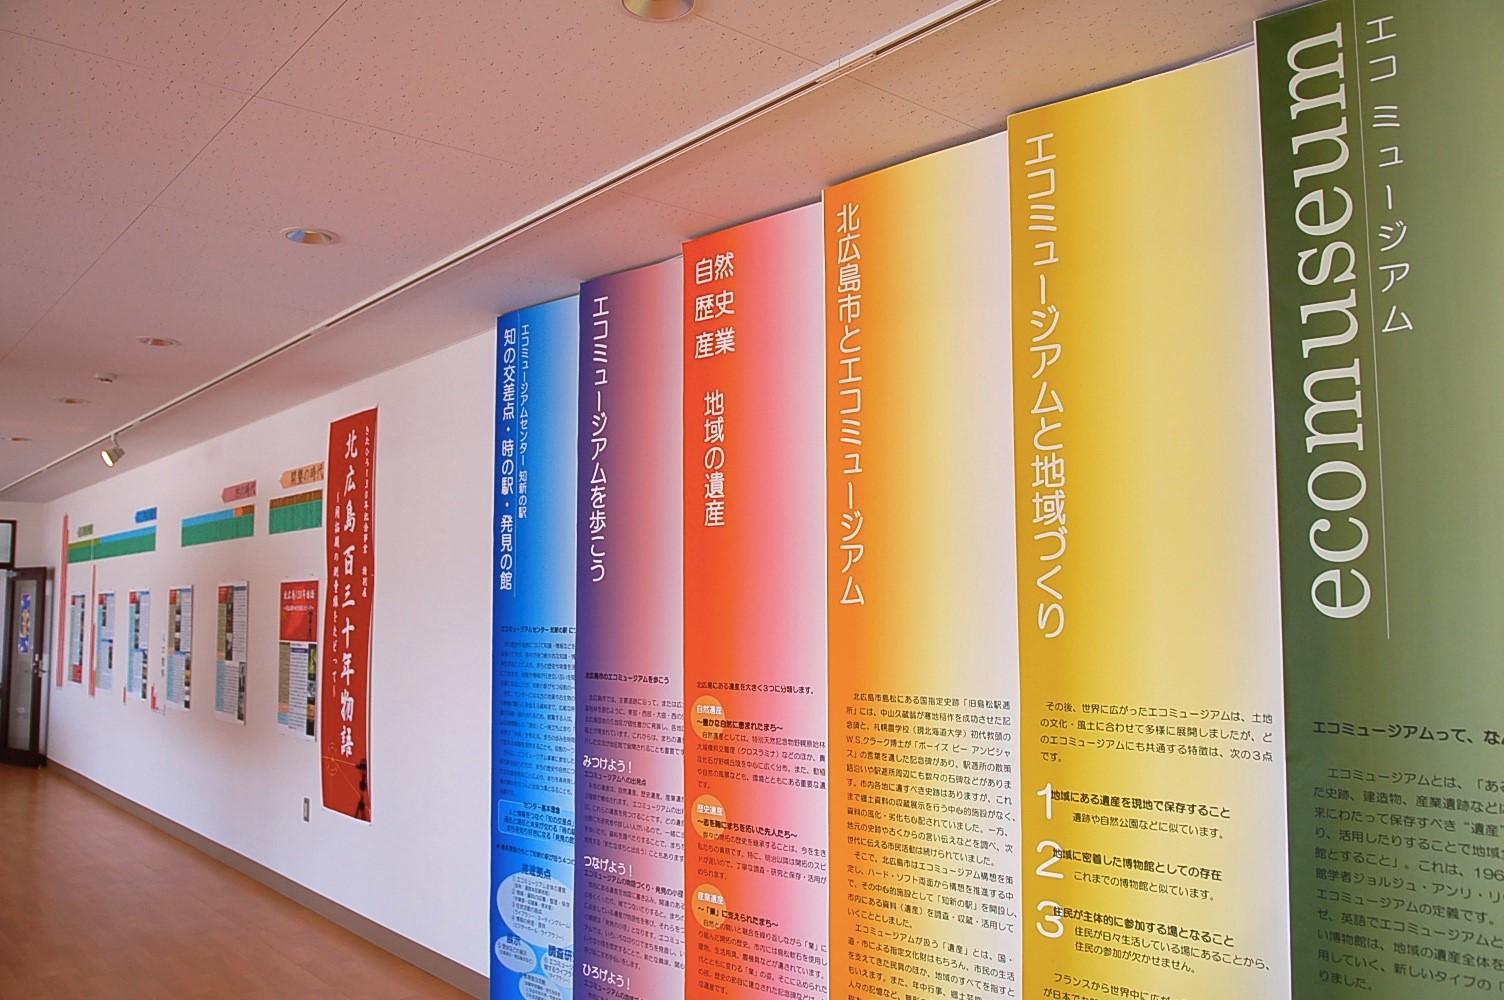 エコミュージアムセンター知新の駅